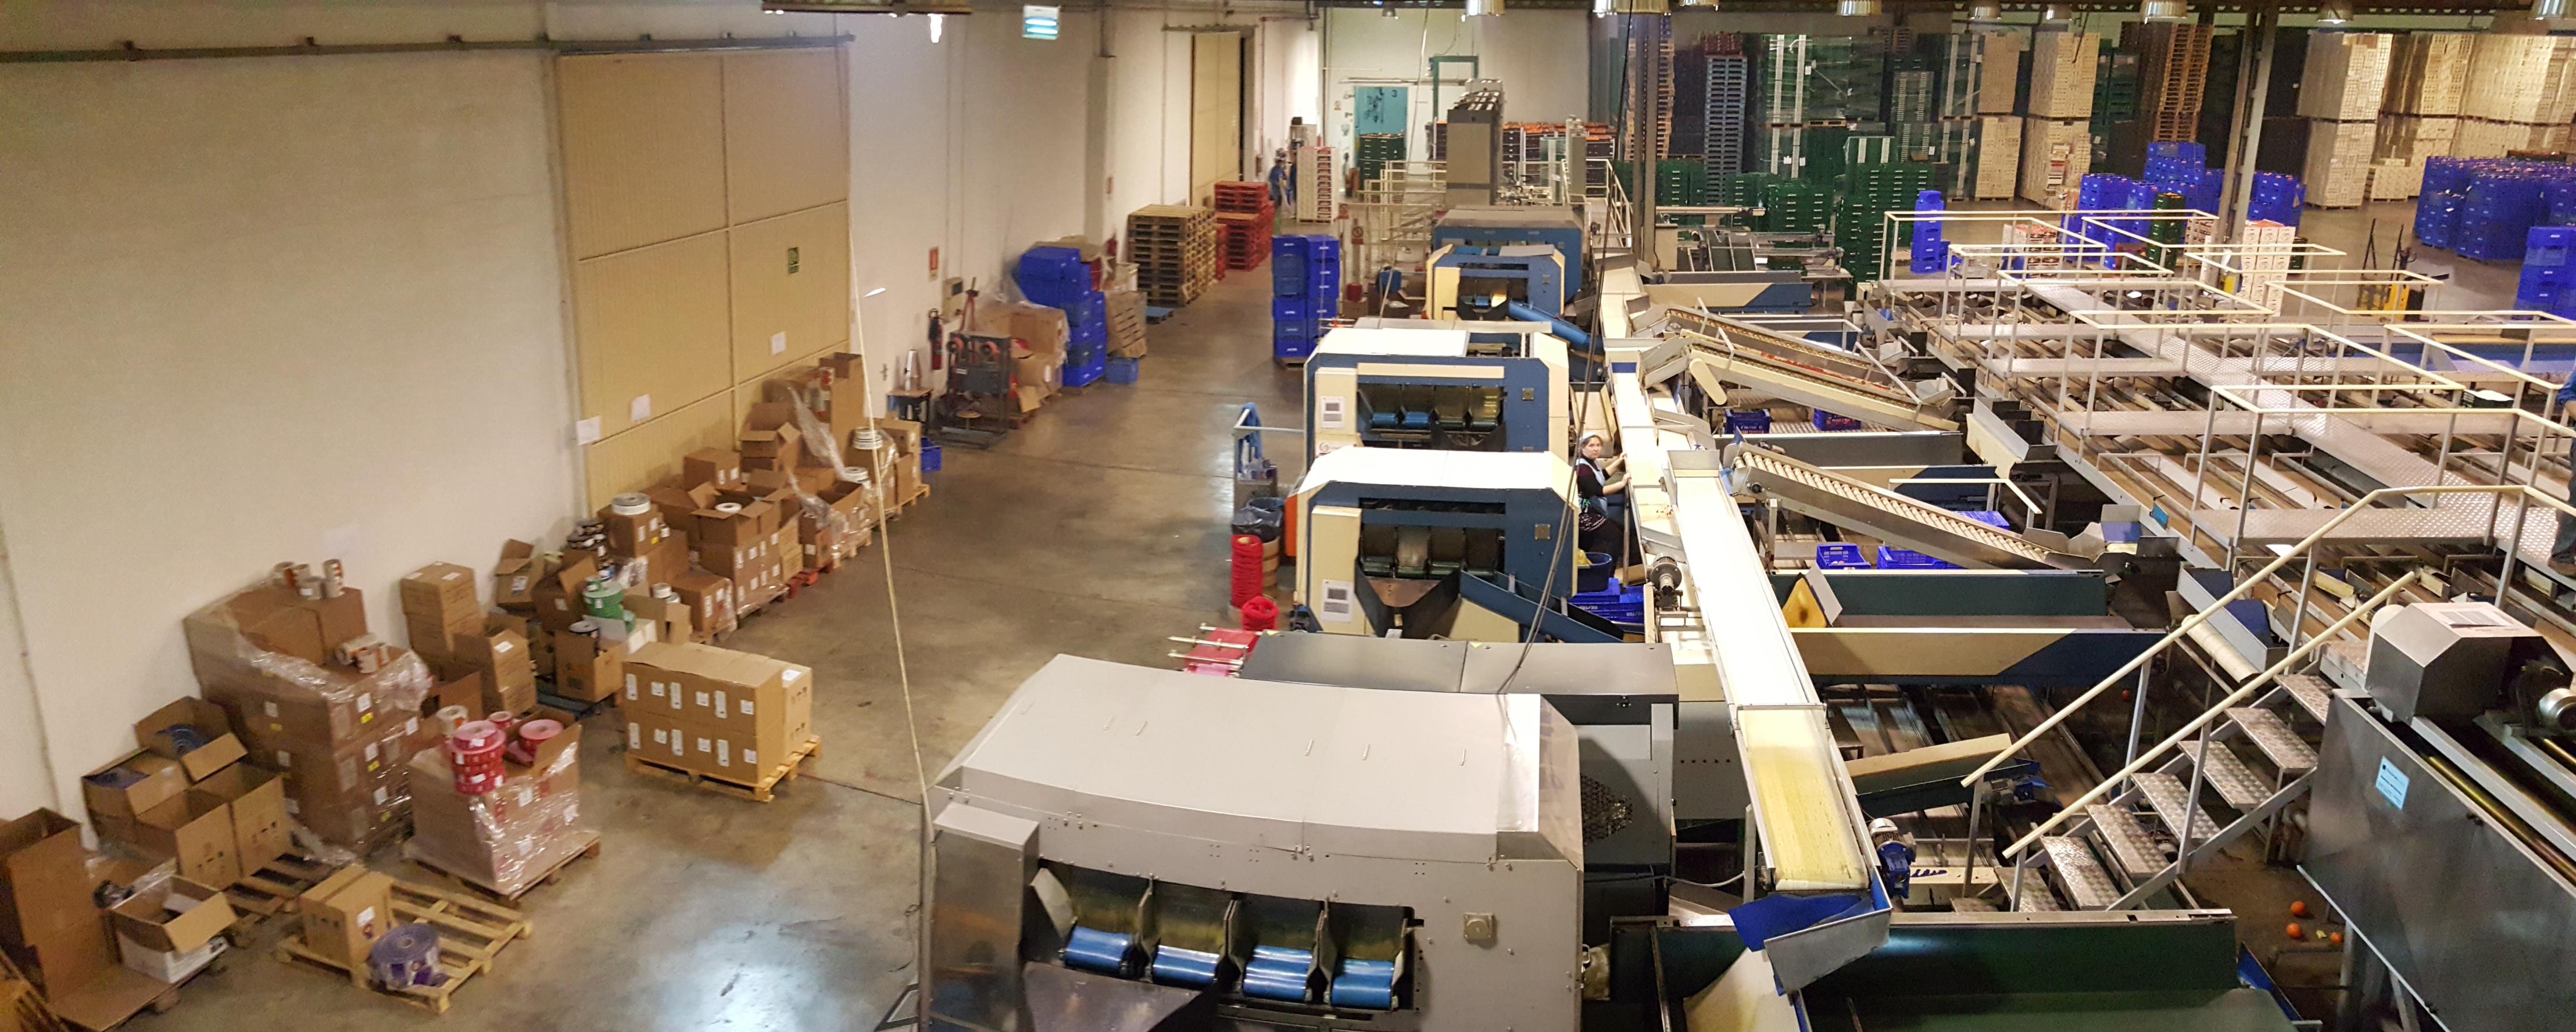 instalaciones-germansfuster-1